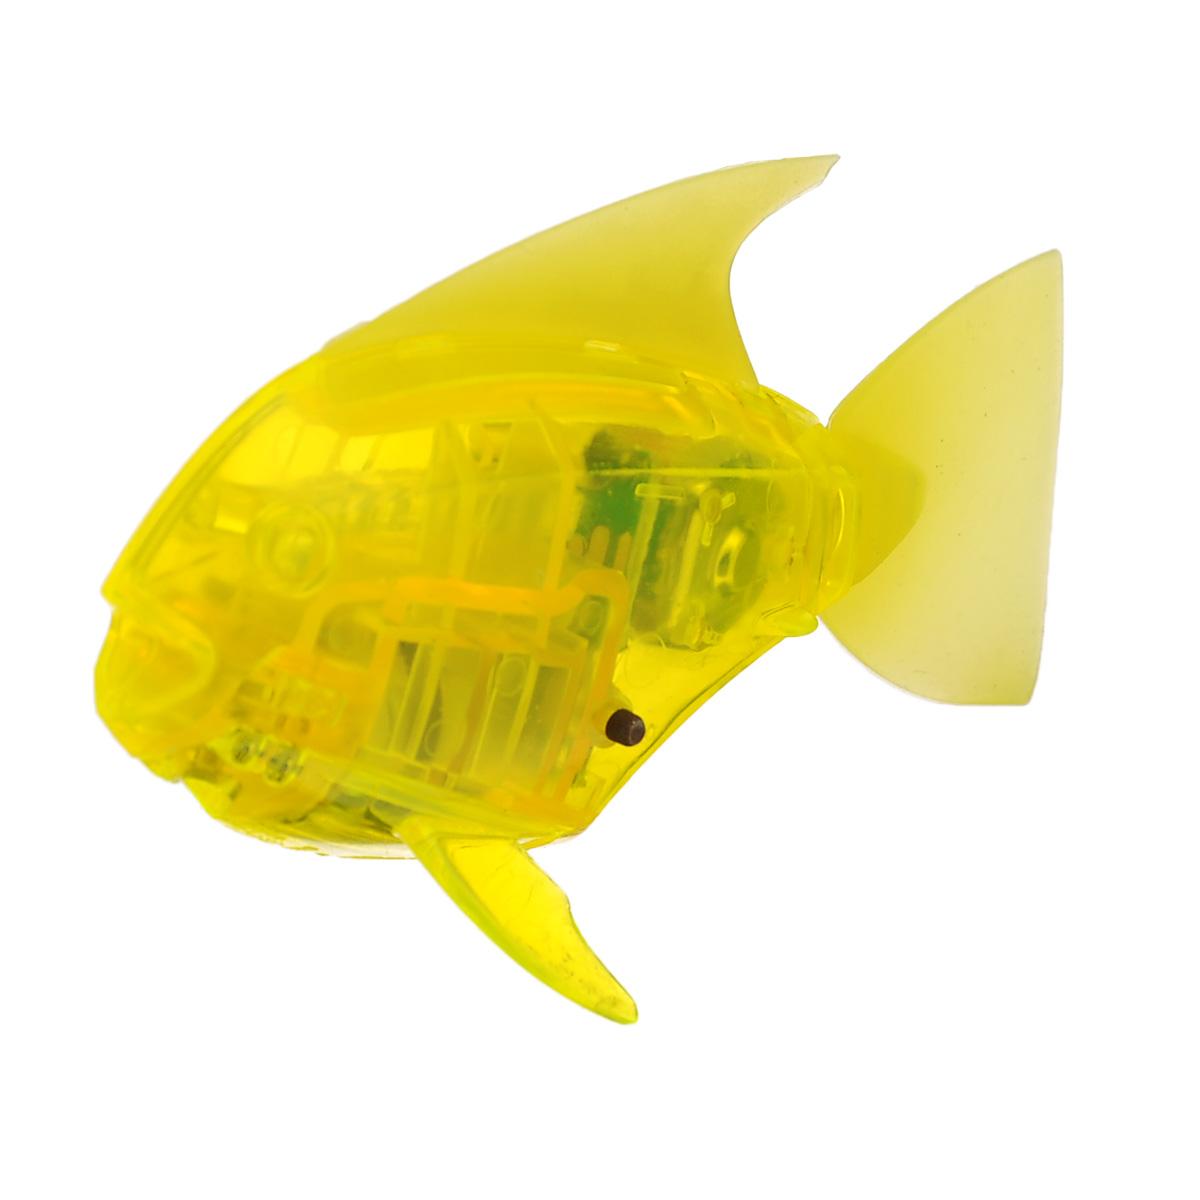 Микро-робот рыбка Hexbug  Aquabot Angelfish , со световыми эффектами, цвет: желтый - Интерактивные игрушки